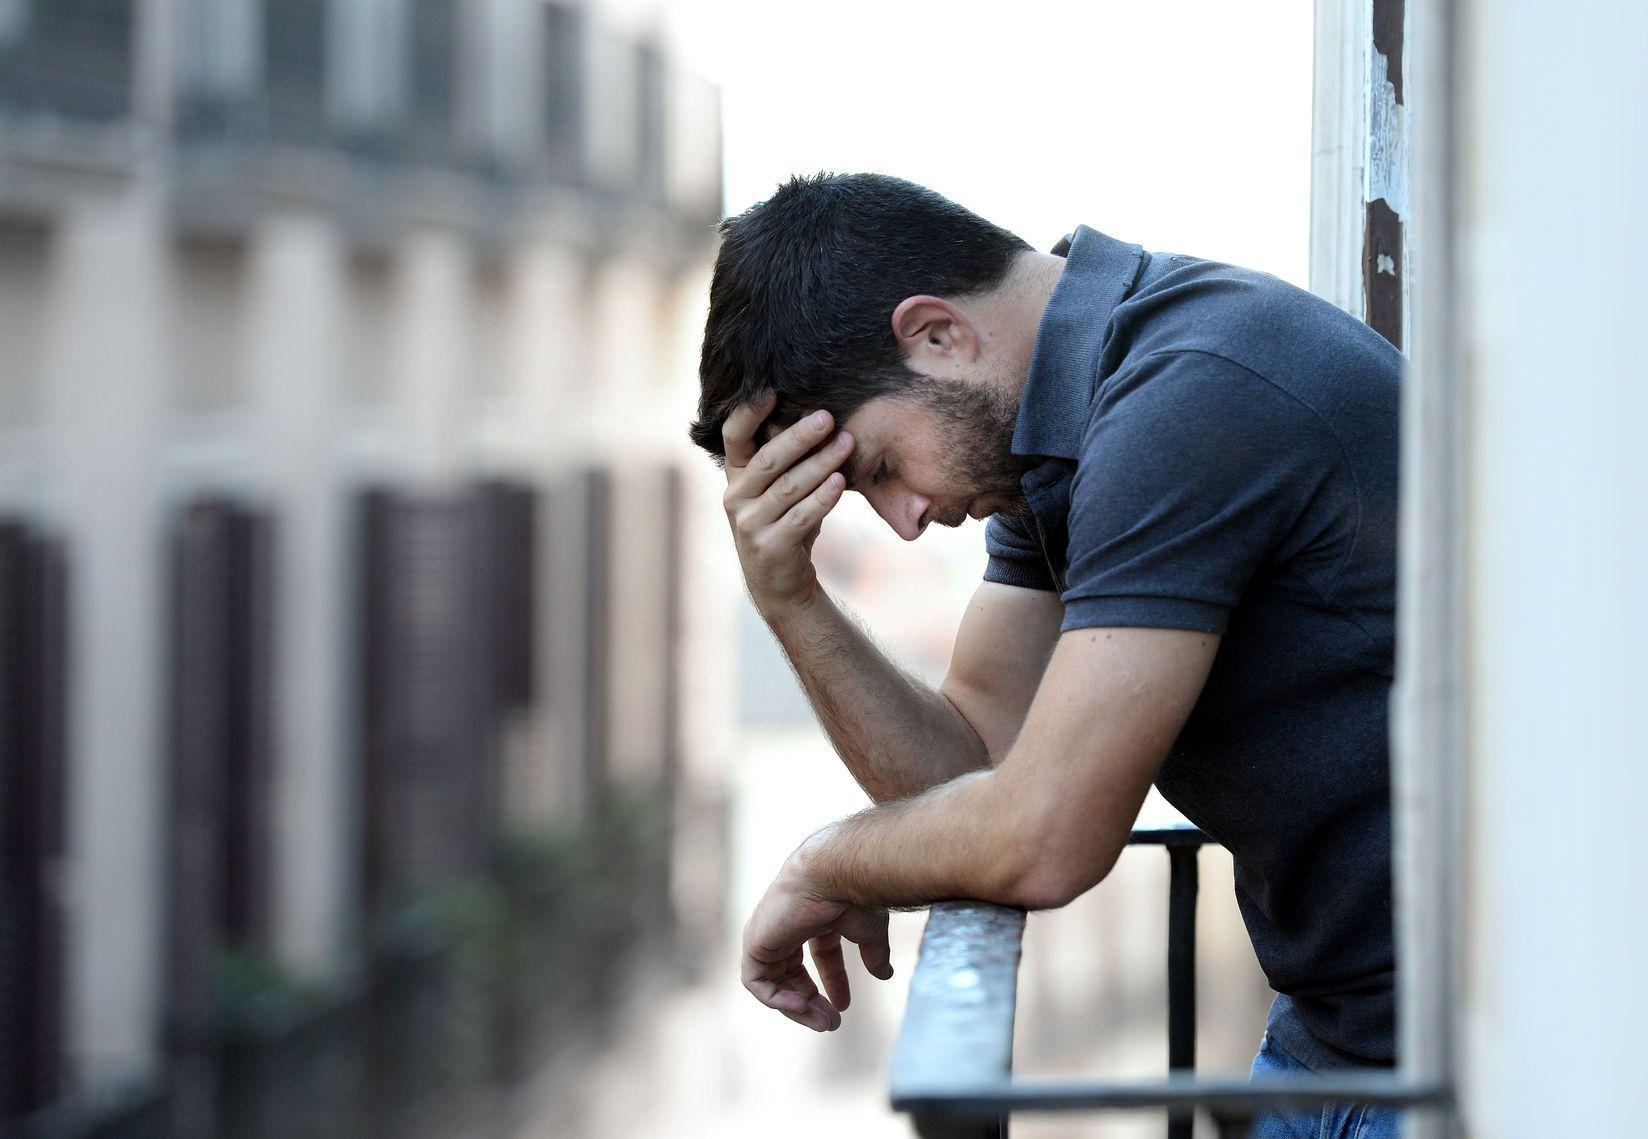 Hình ảnh chàng trai thất tình buồn cực đẹp